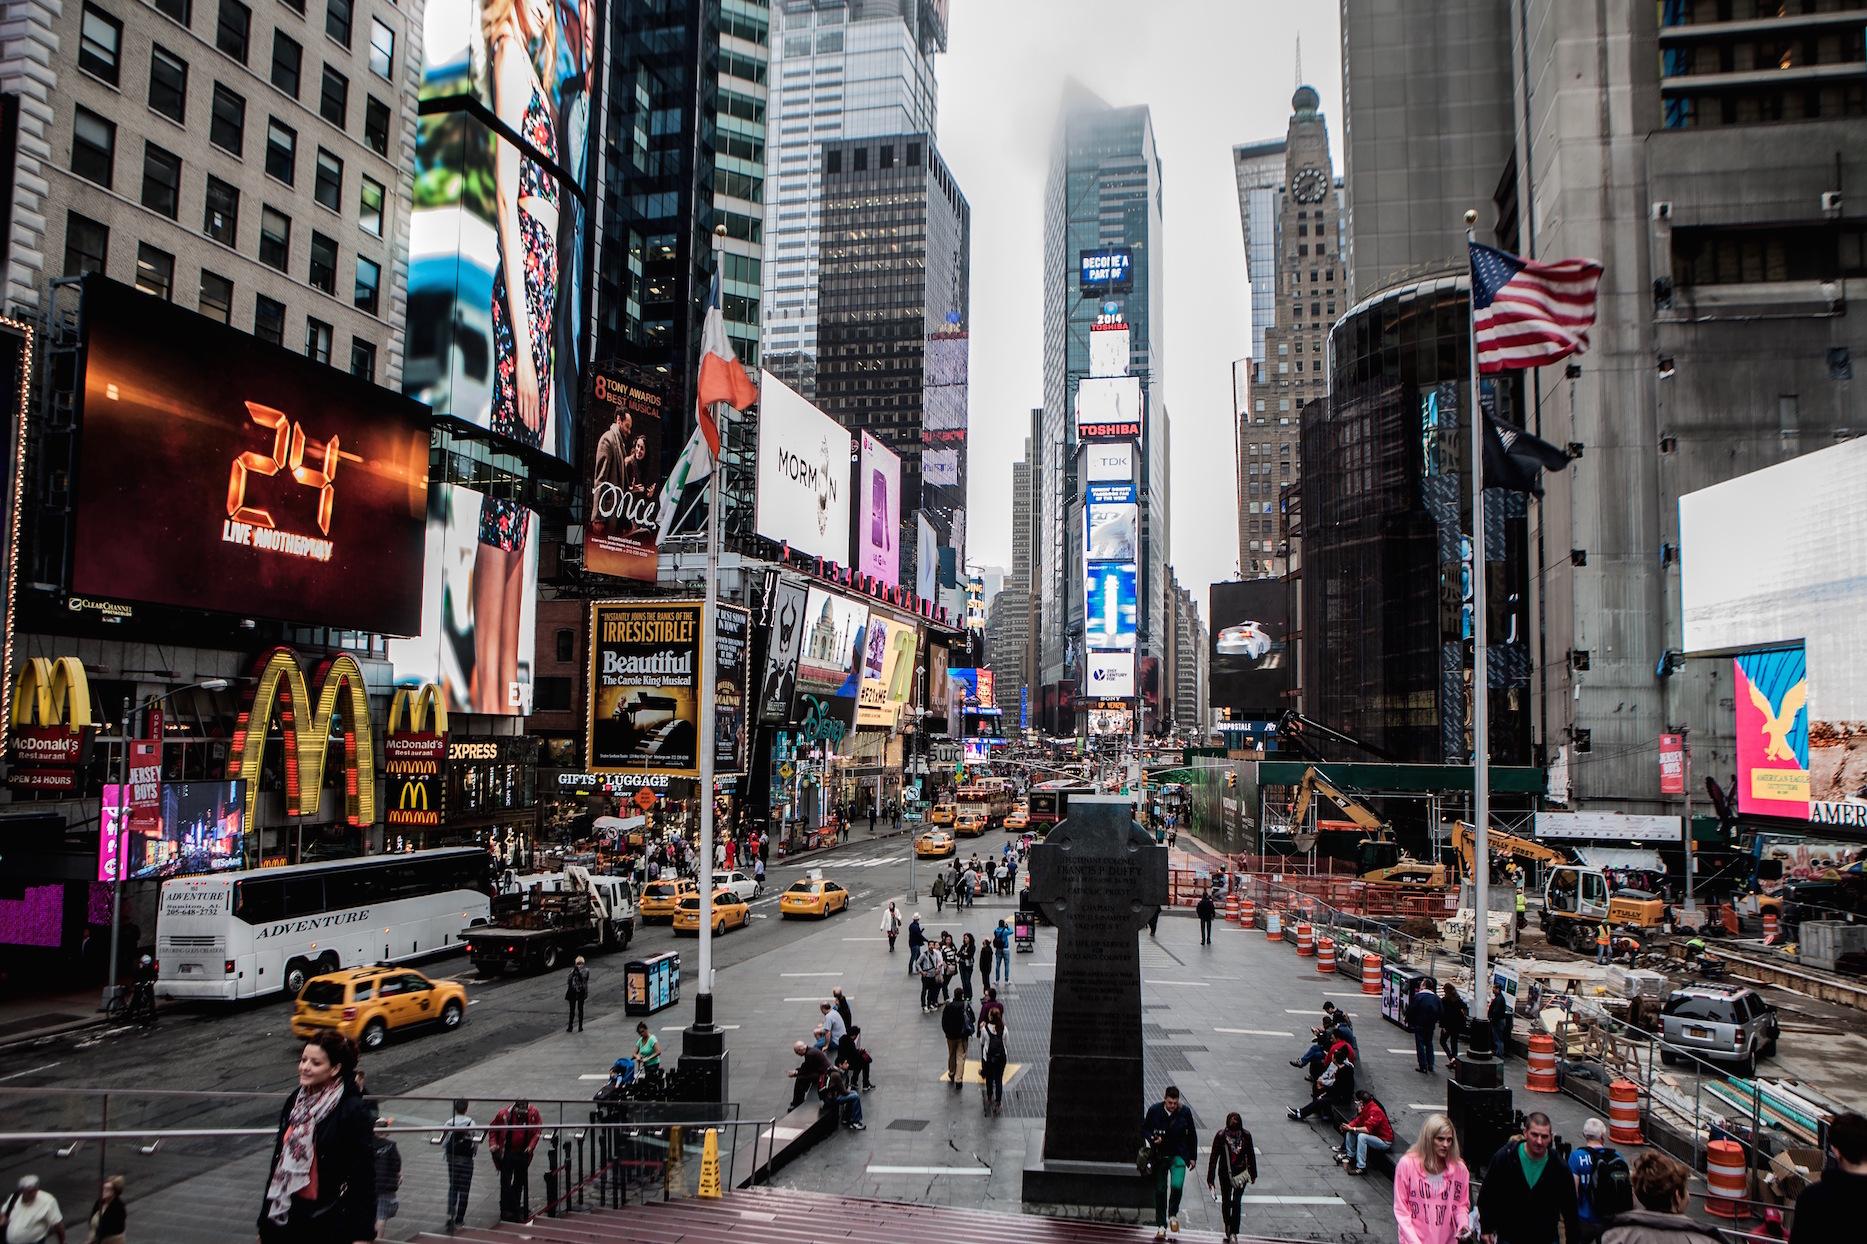 Visum: USA strammer reglerne og vil screene de sociale medier